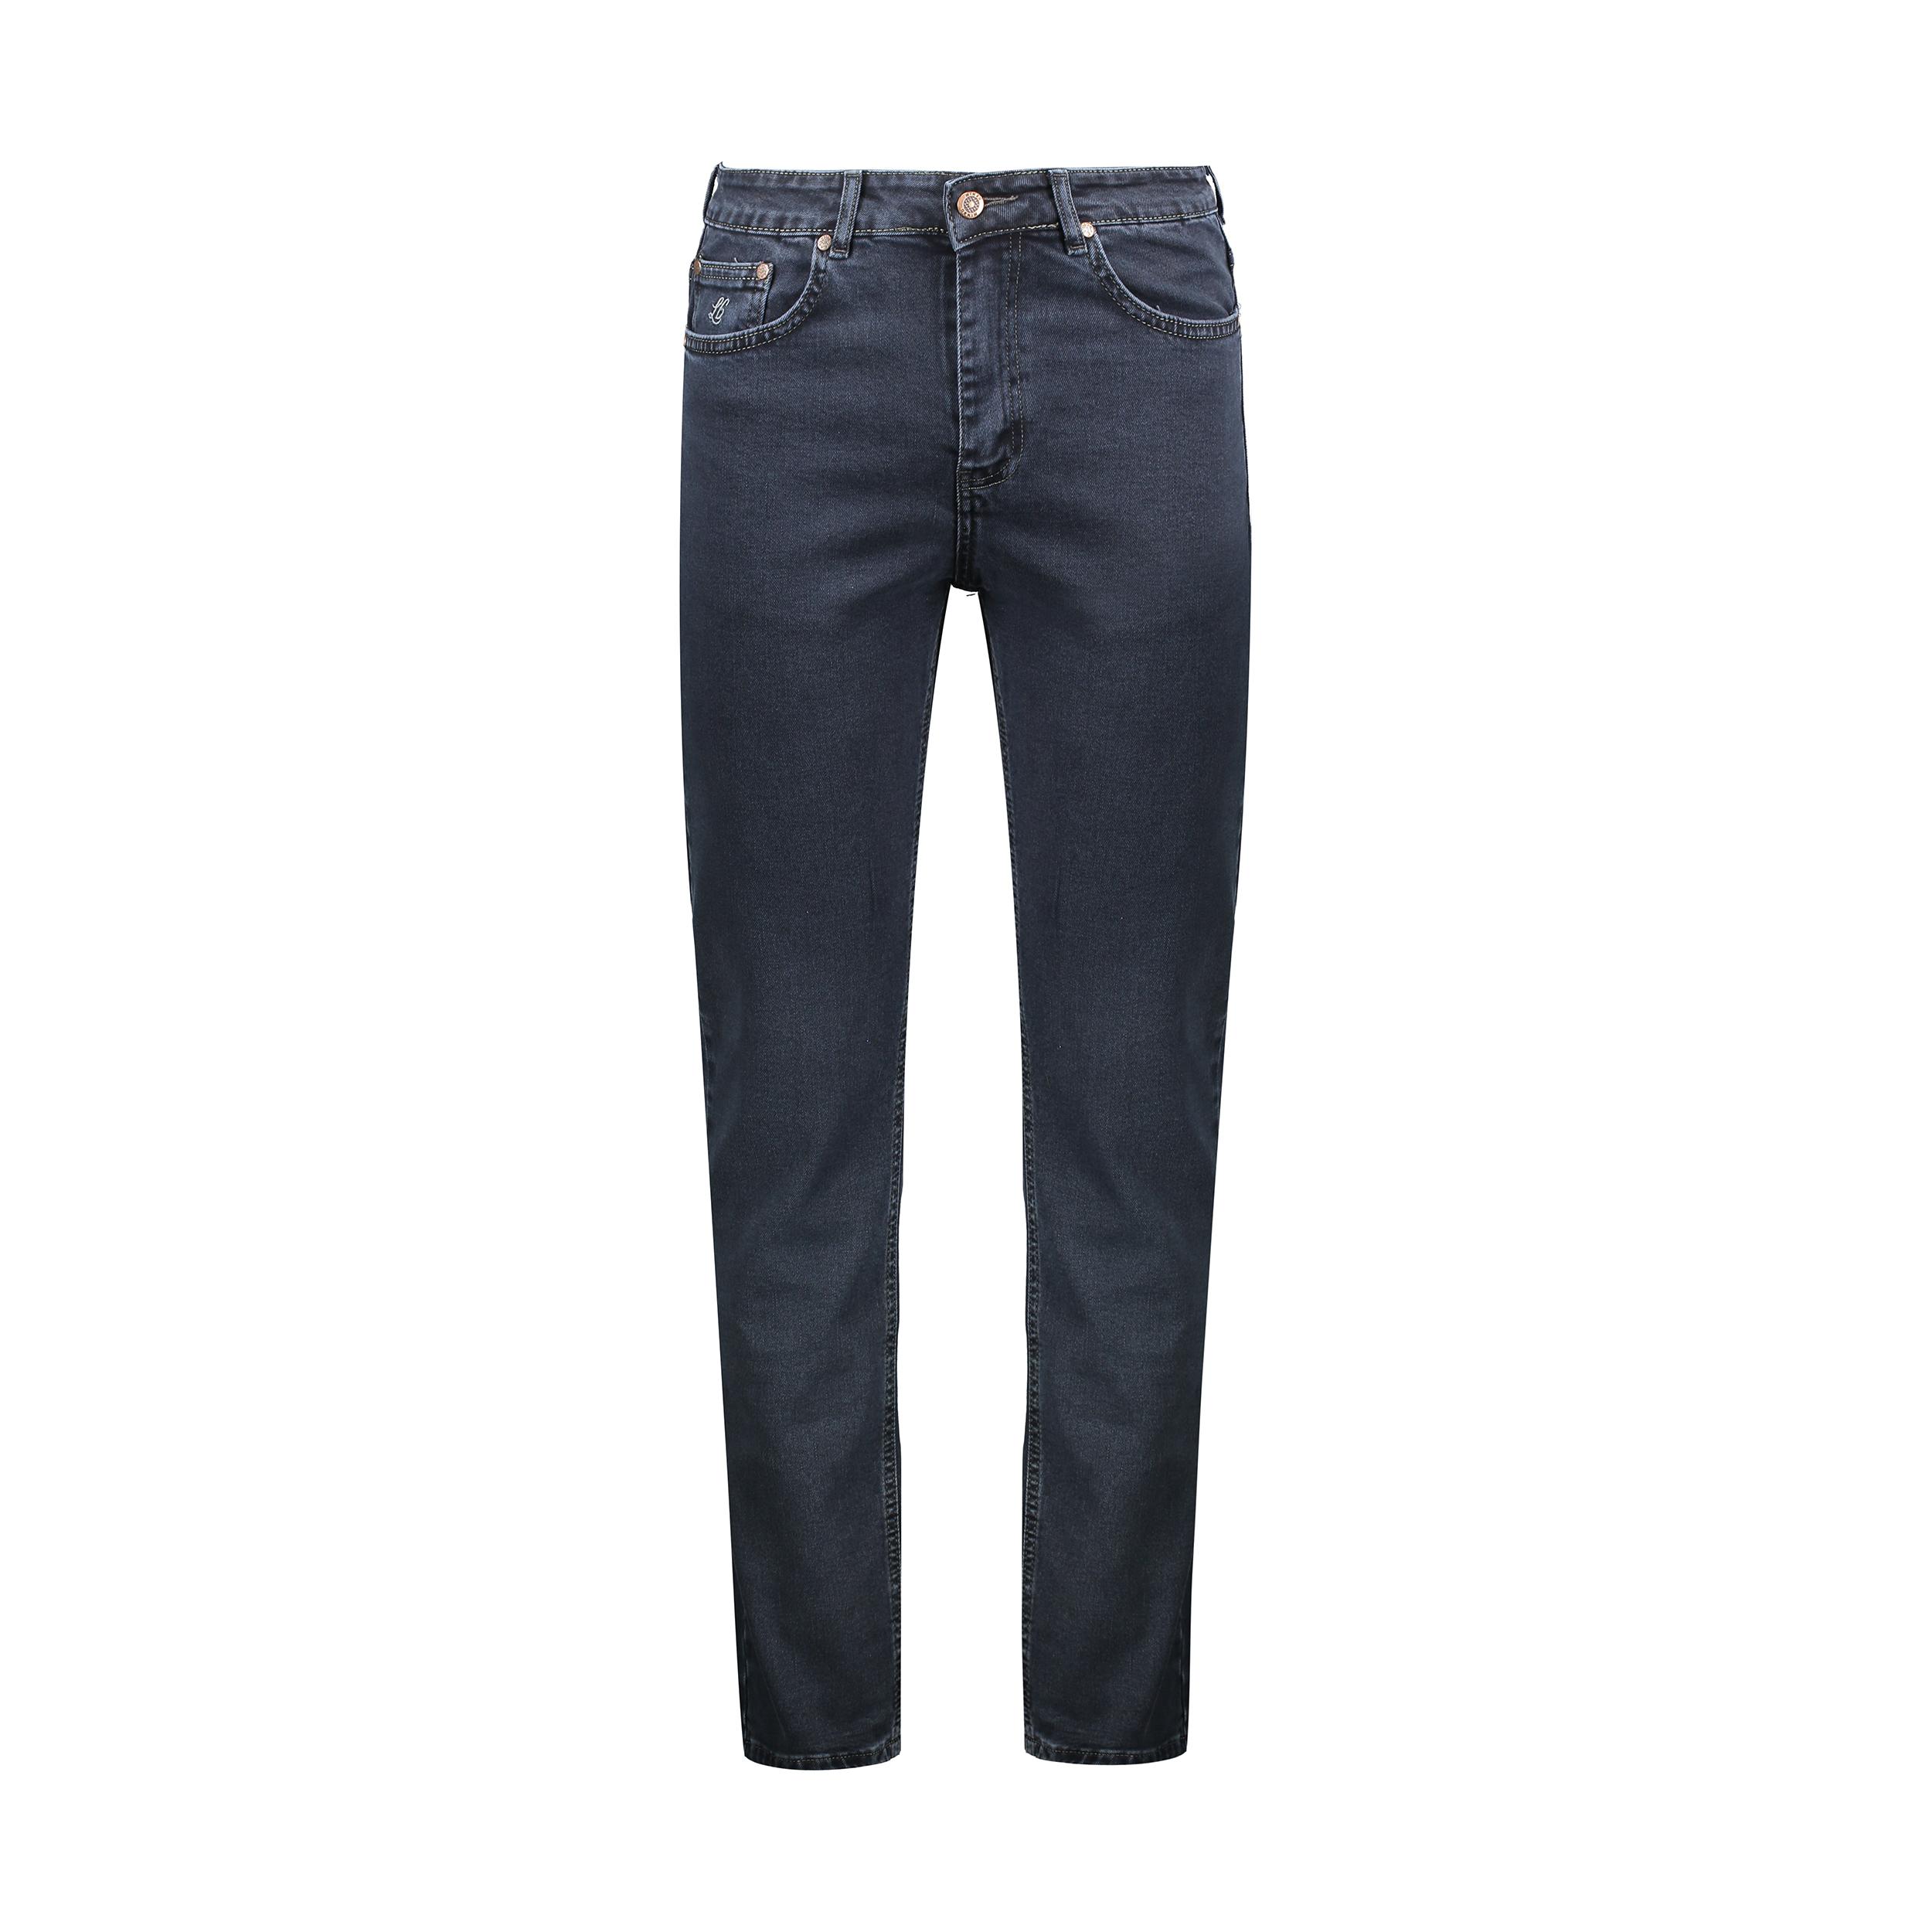 شلوار جین مردانه ال سی من مدل 01317062-GRAYBLUE